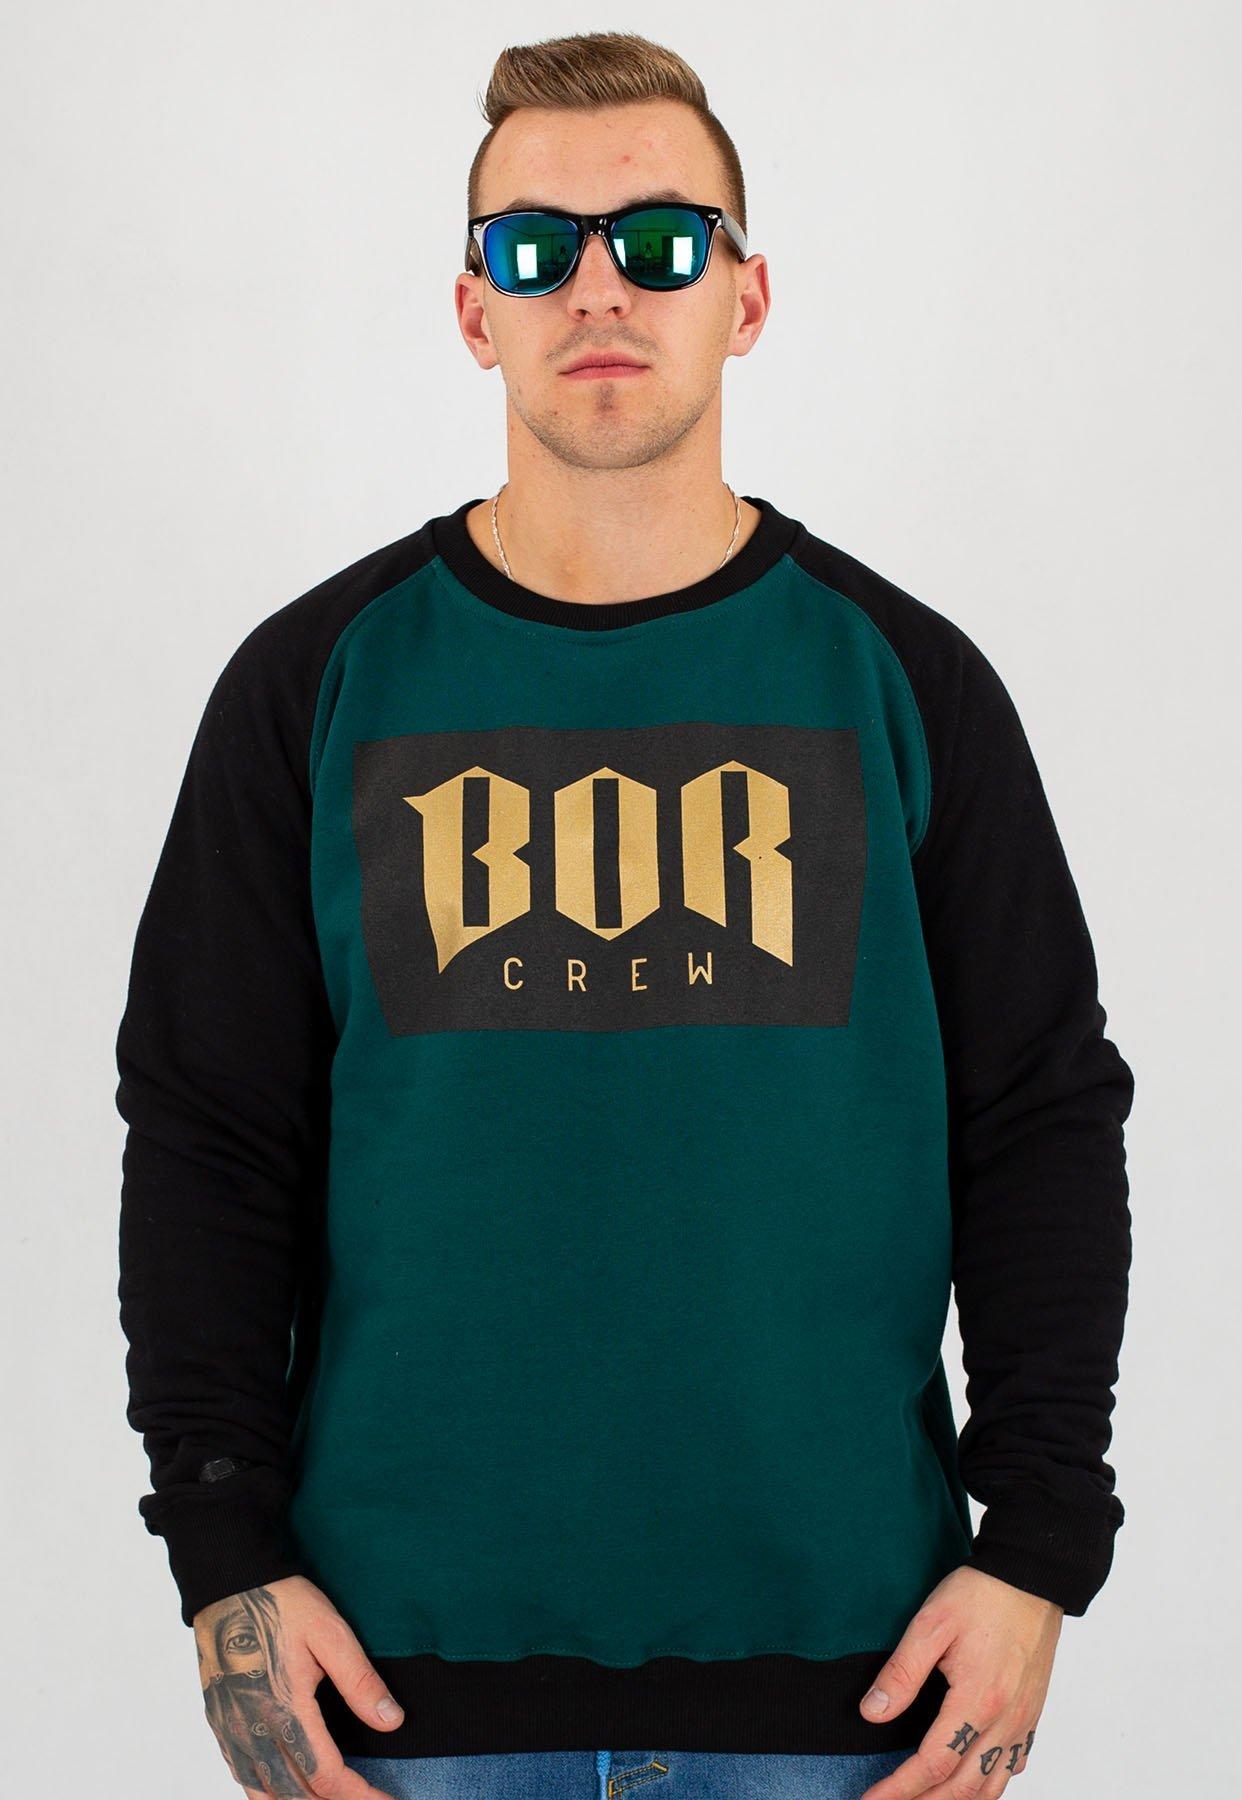 Kup online cienie ceny detaliczne Bluza B.O.R. Biuro Ochrony Rapu BOR New zielono czarna